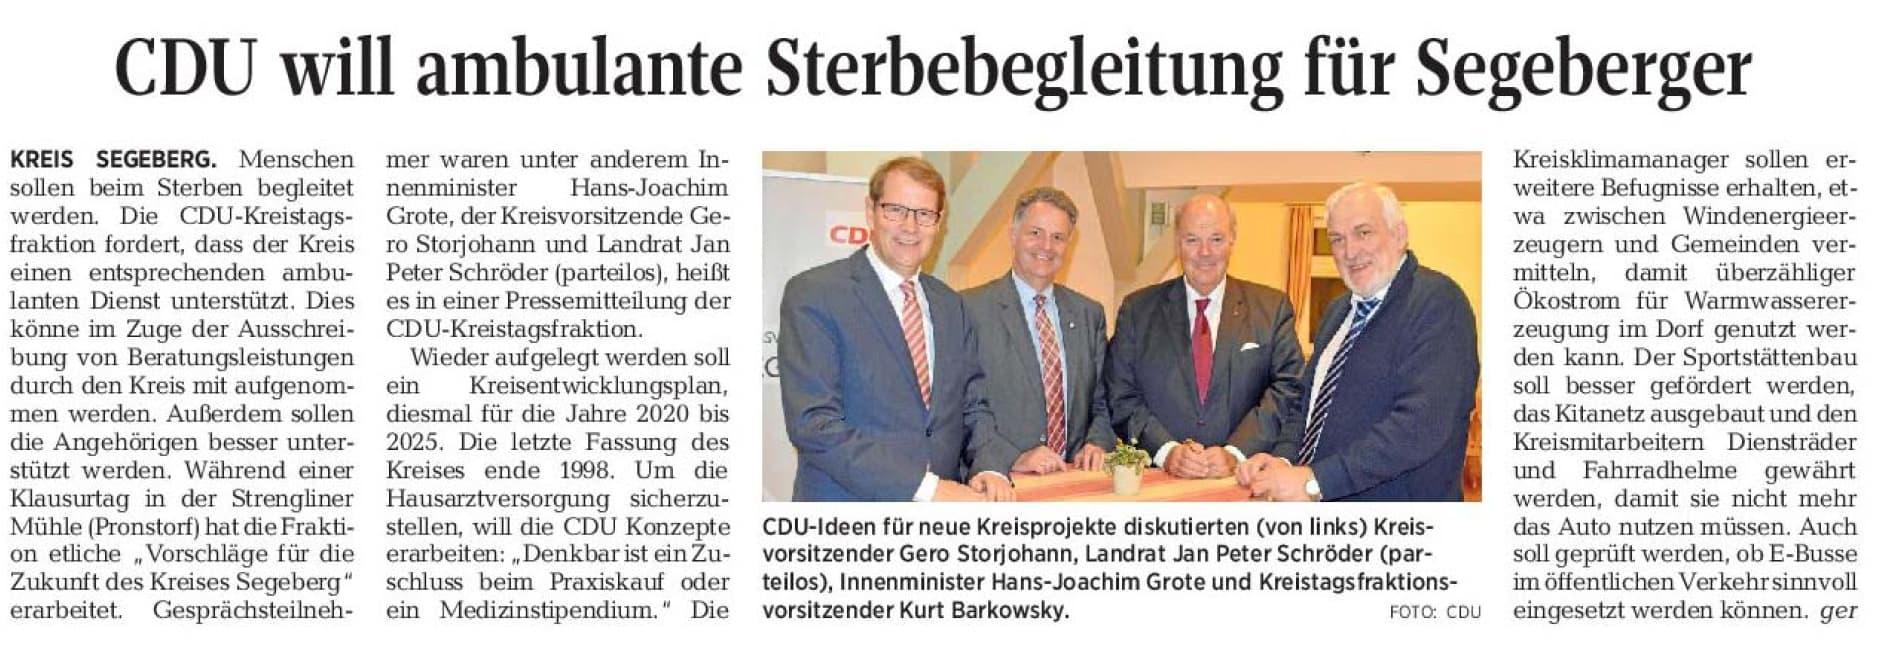 CDU - Sterbebegleitung für Segeberger